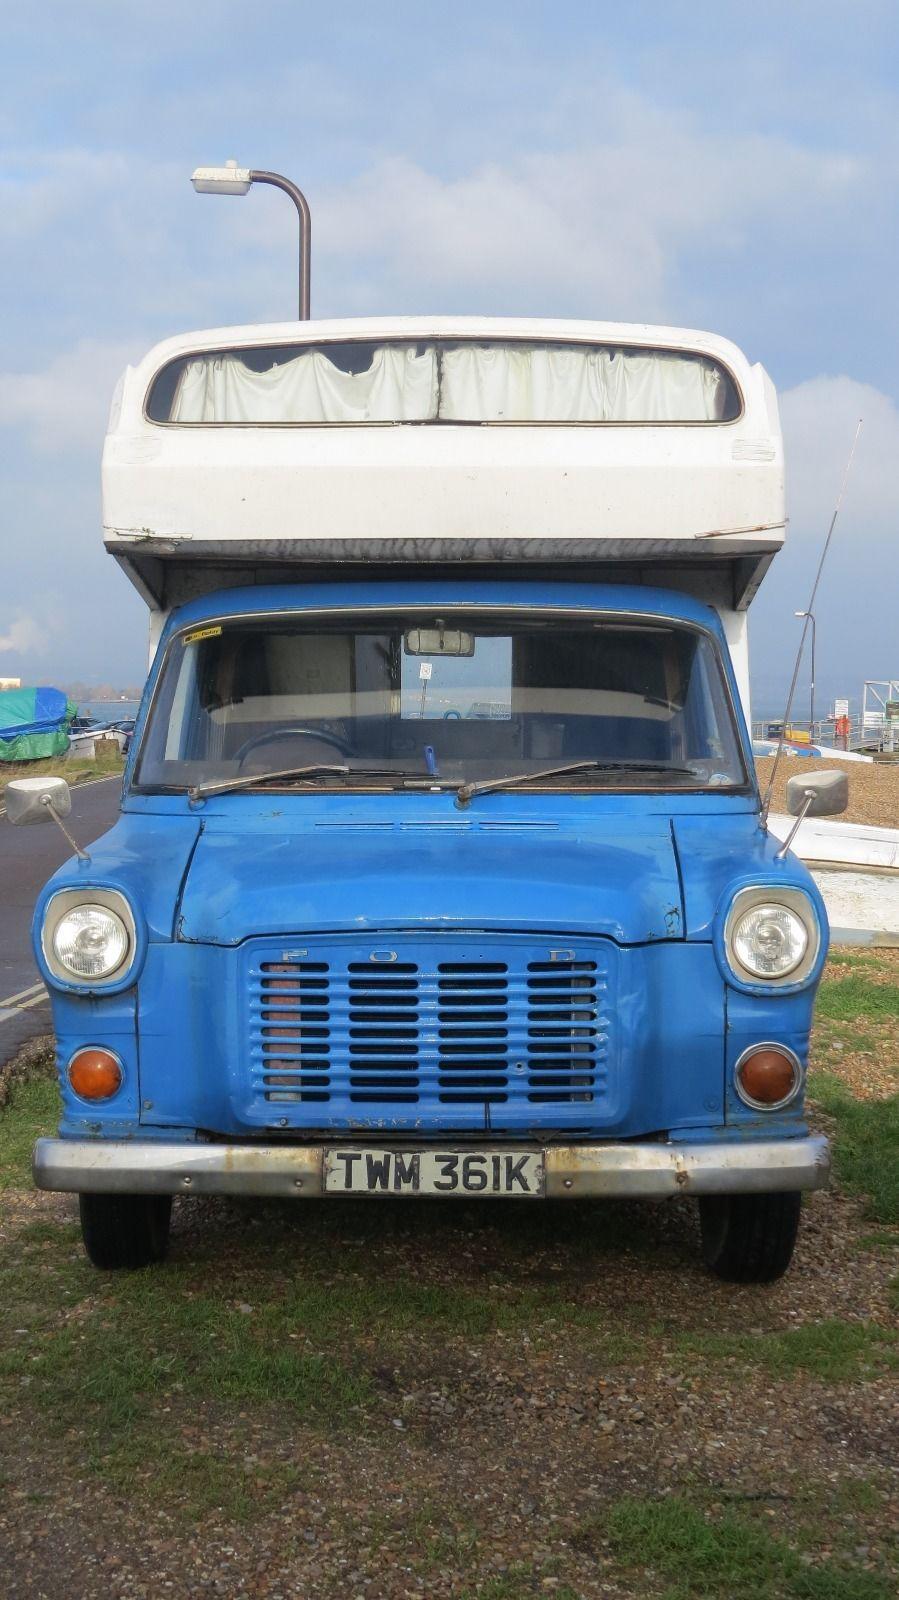 mk1 ford transit camper van historic vehicle tax exempt. Black Bedroom Furniture Sets. Home Design Ideas